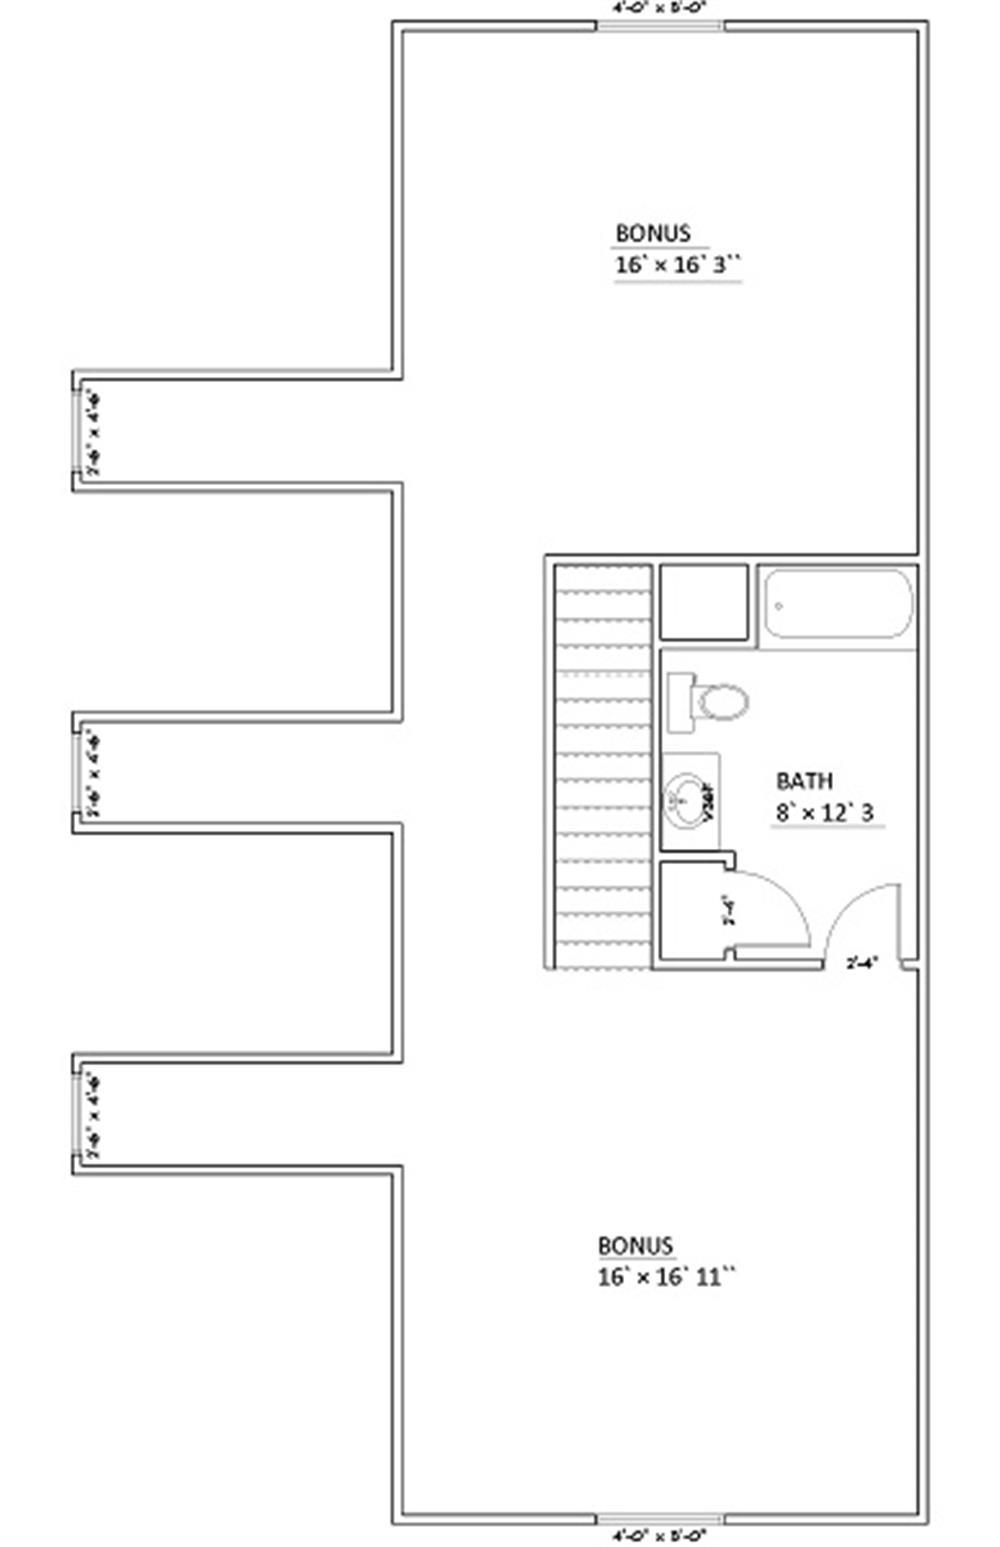 187-1006: Floor Plan Bonus Room